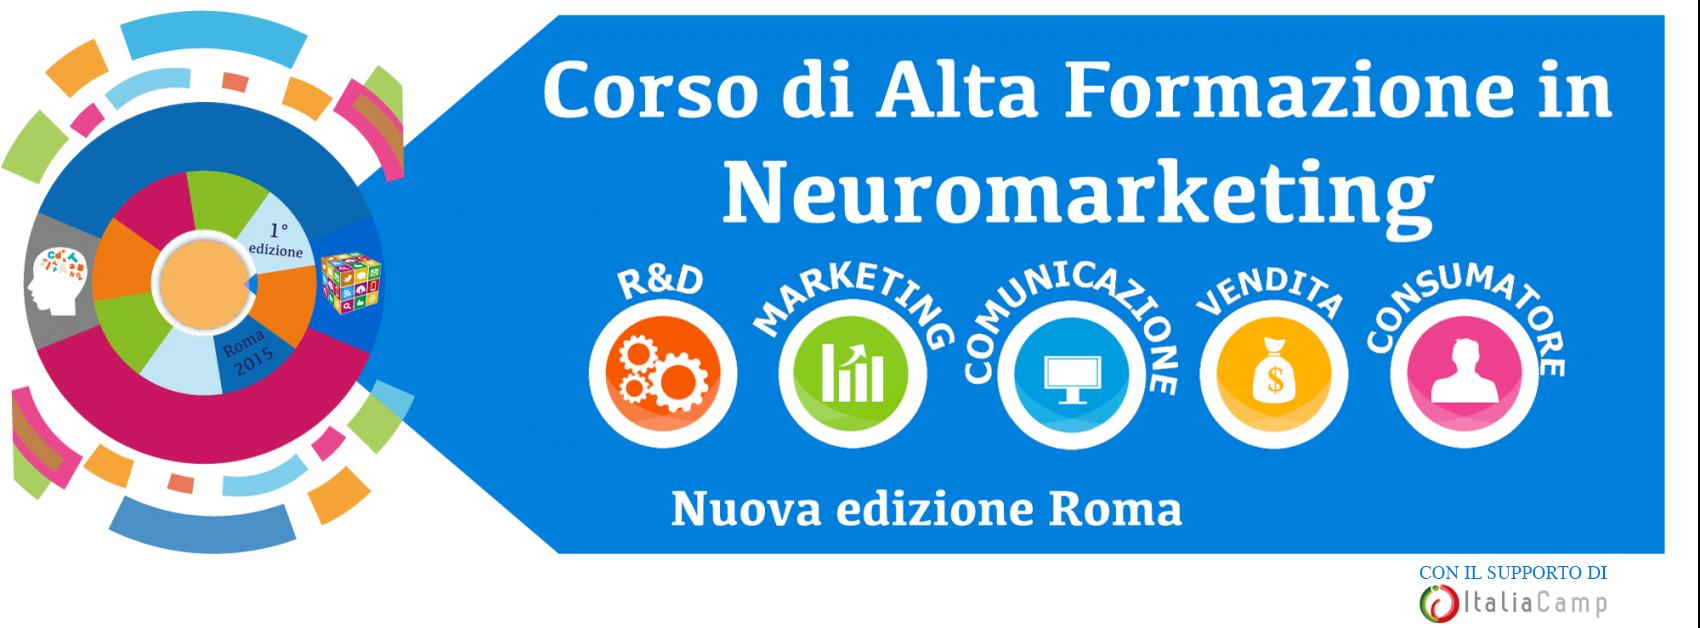 italiacamp-ospita-il-corso-di-alta-formazione-in-neuromarketing